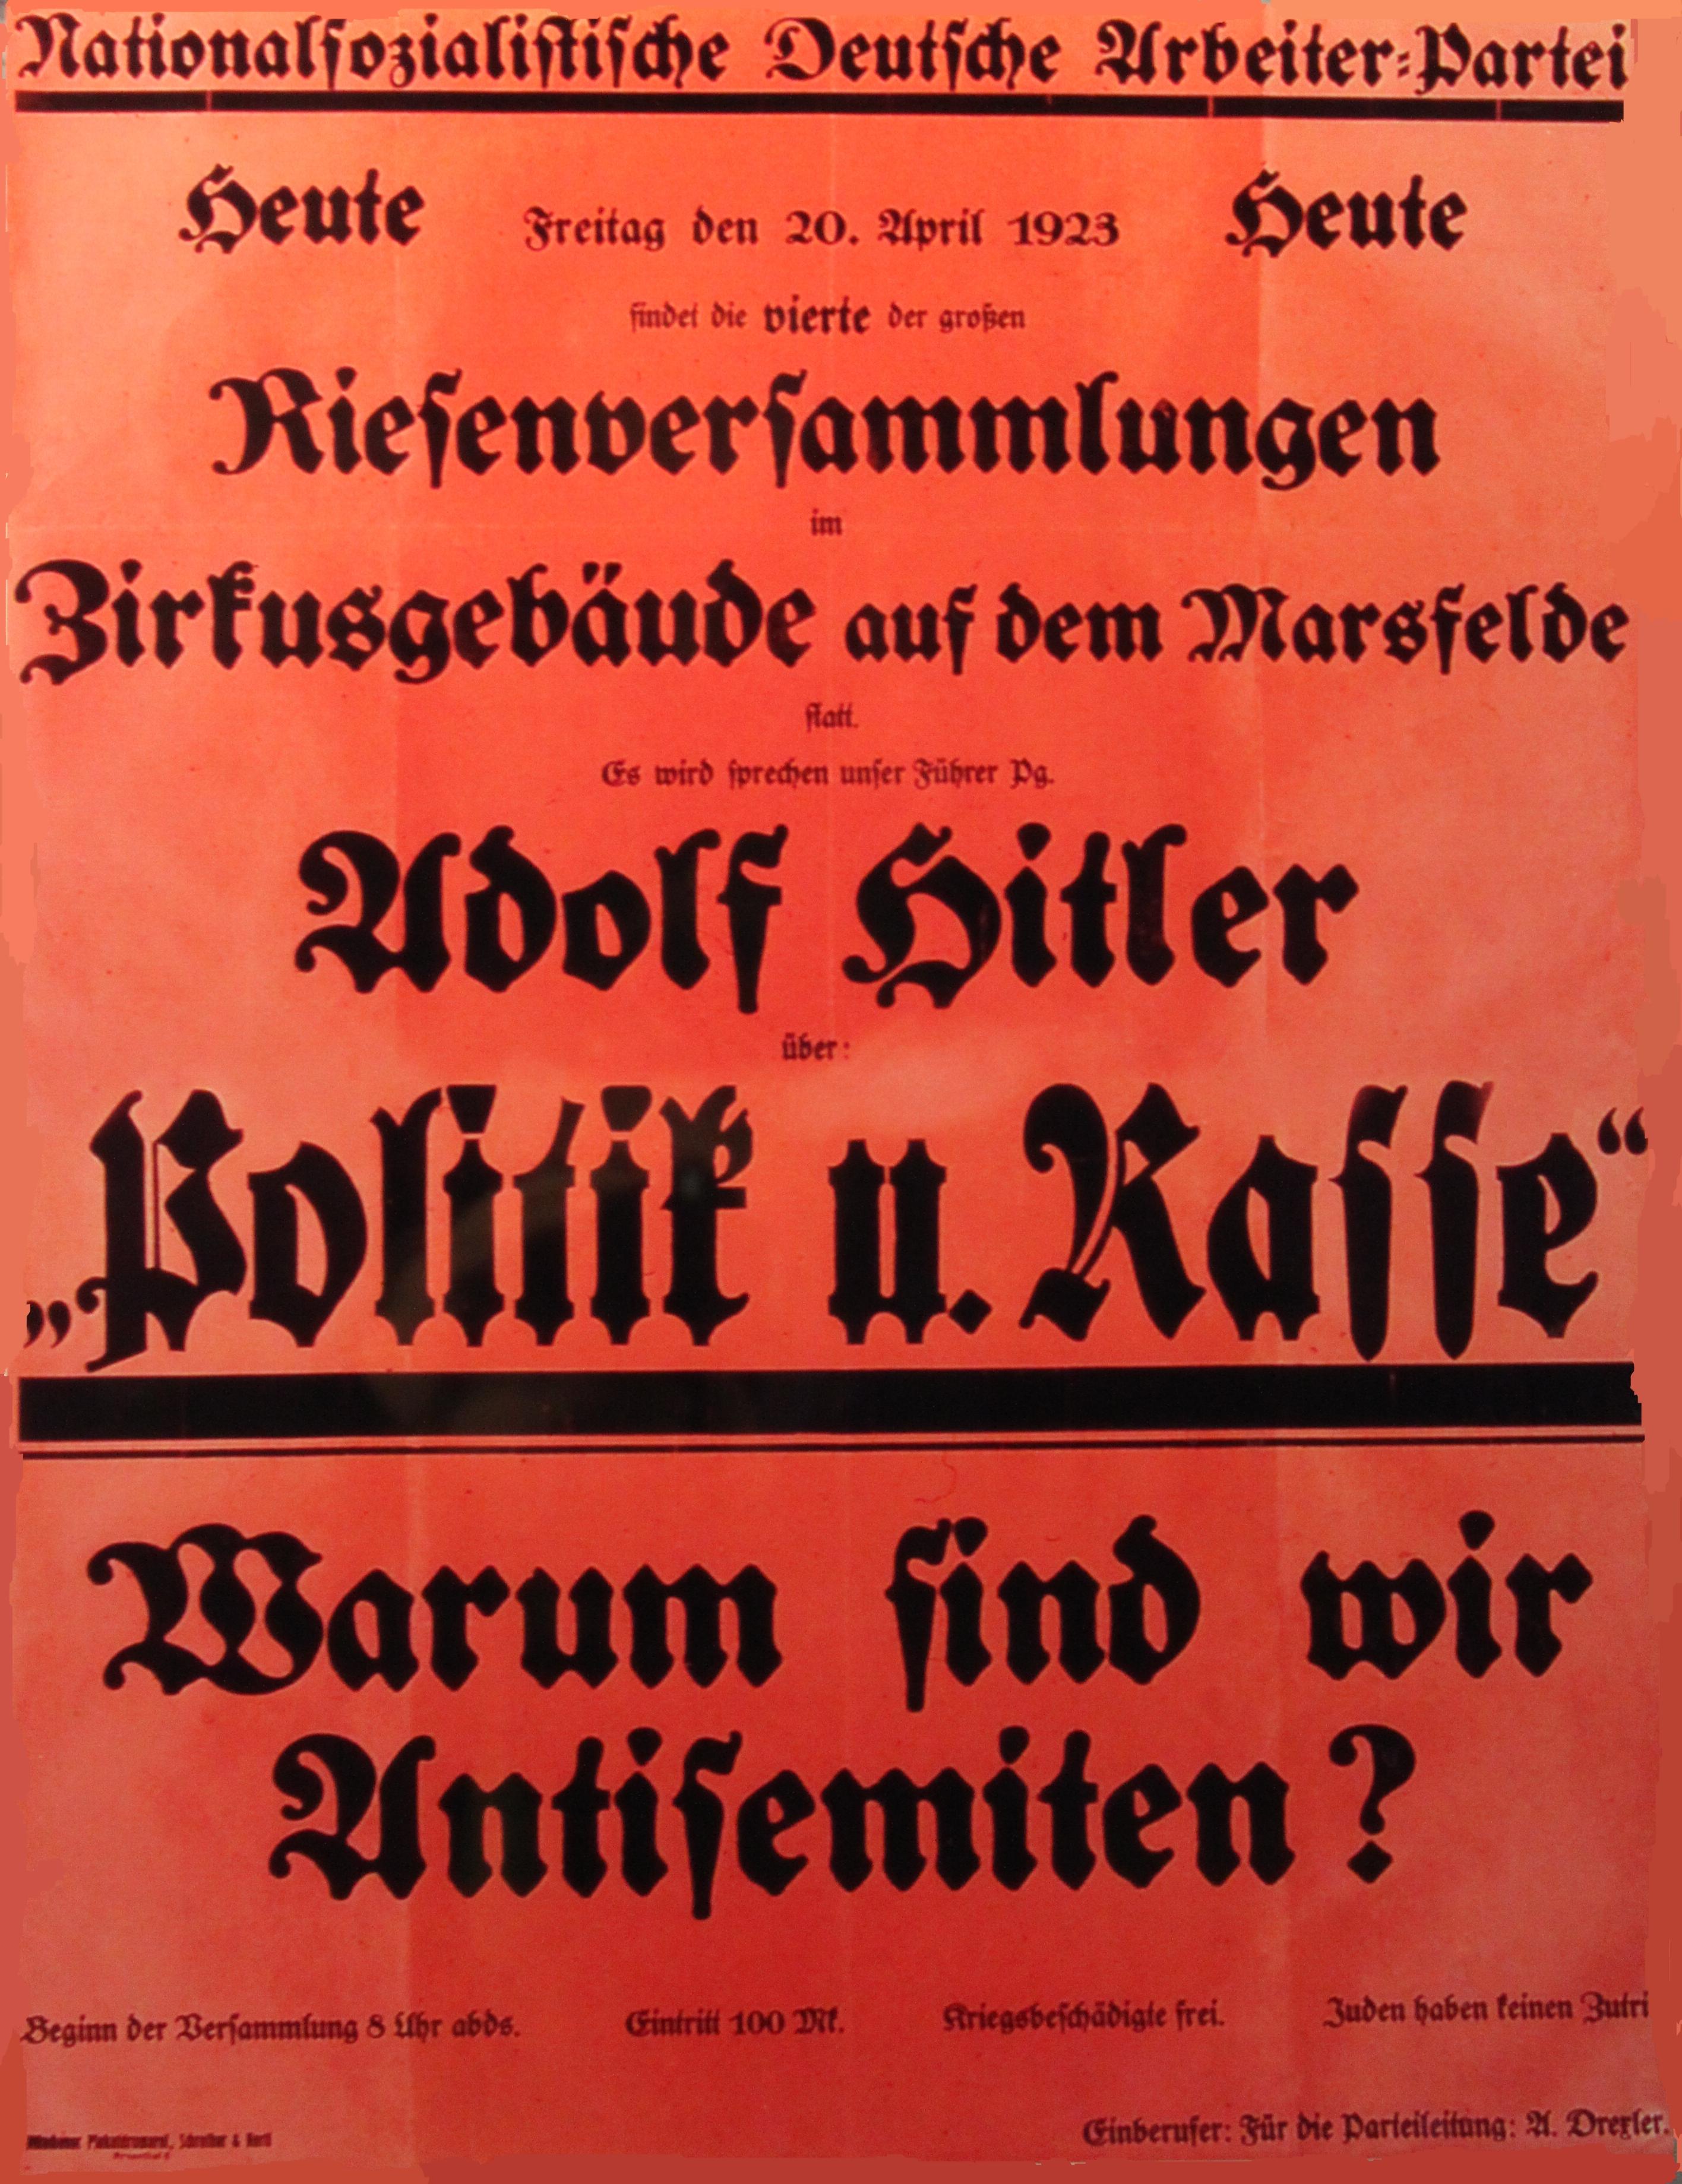 """Einladung zu einer NSDAP-Veranstaltung in München, April 1923: """"Es wird sprechen unser Führer Pg. Adolf Hitler"""""""